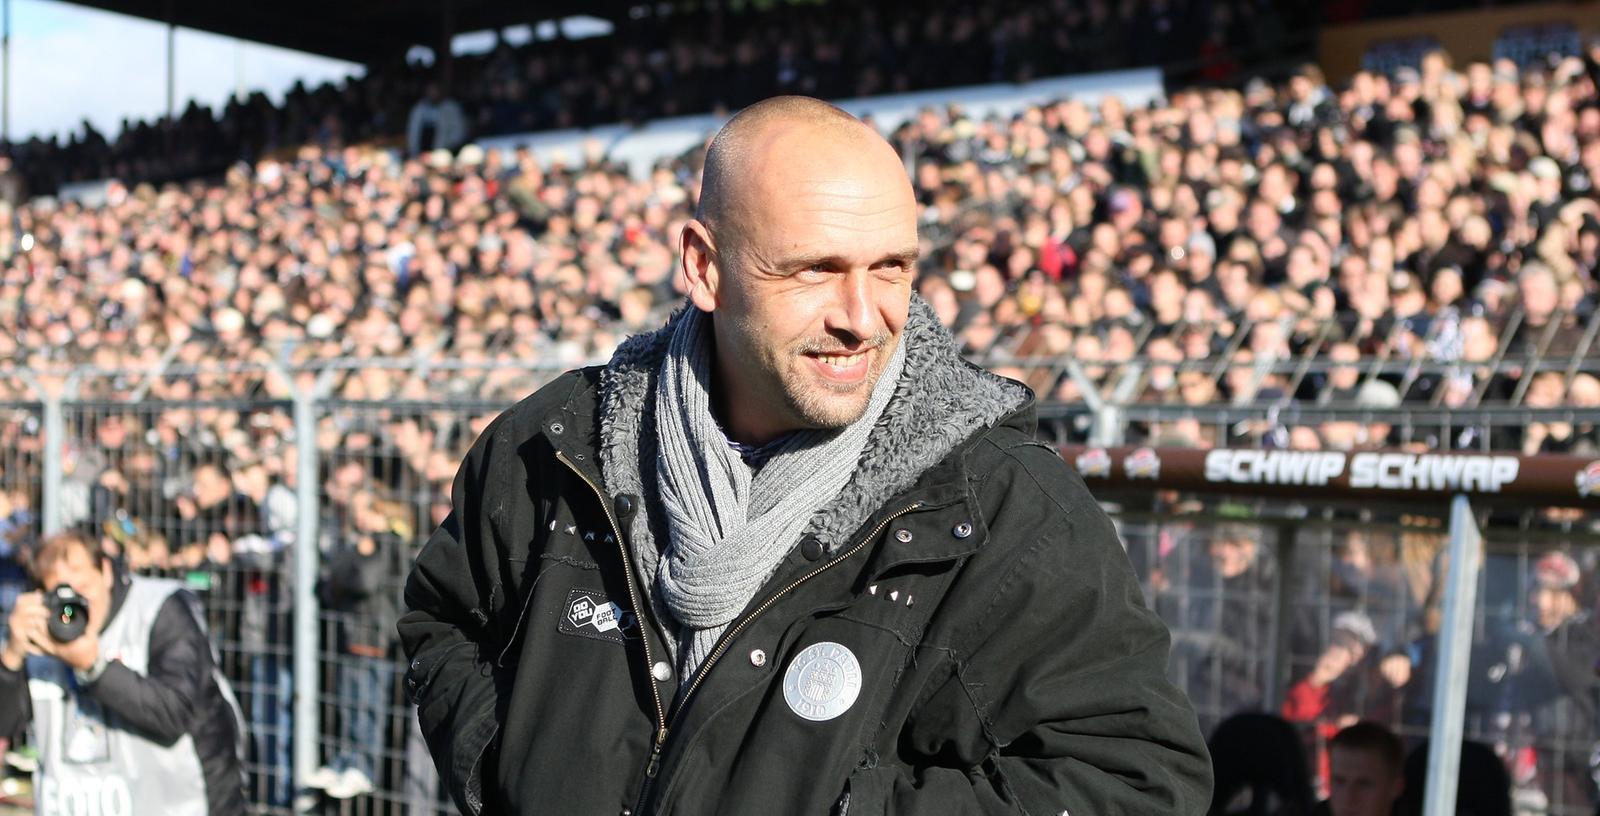 Zurück ins Rampenlicht: Holger Stanislawski beendet scheinbar seine Auszeit.